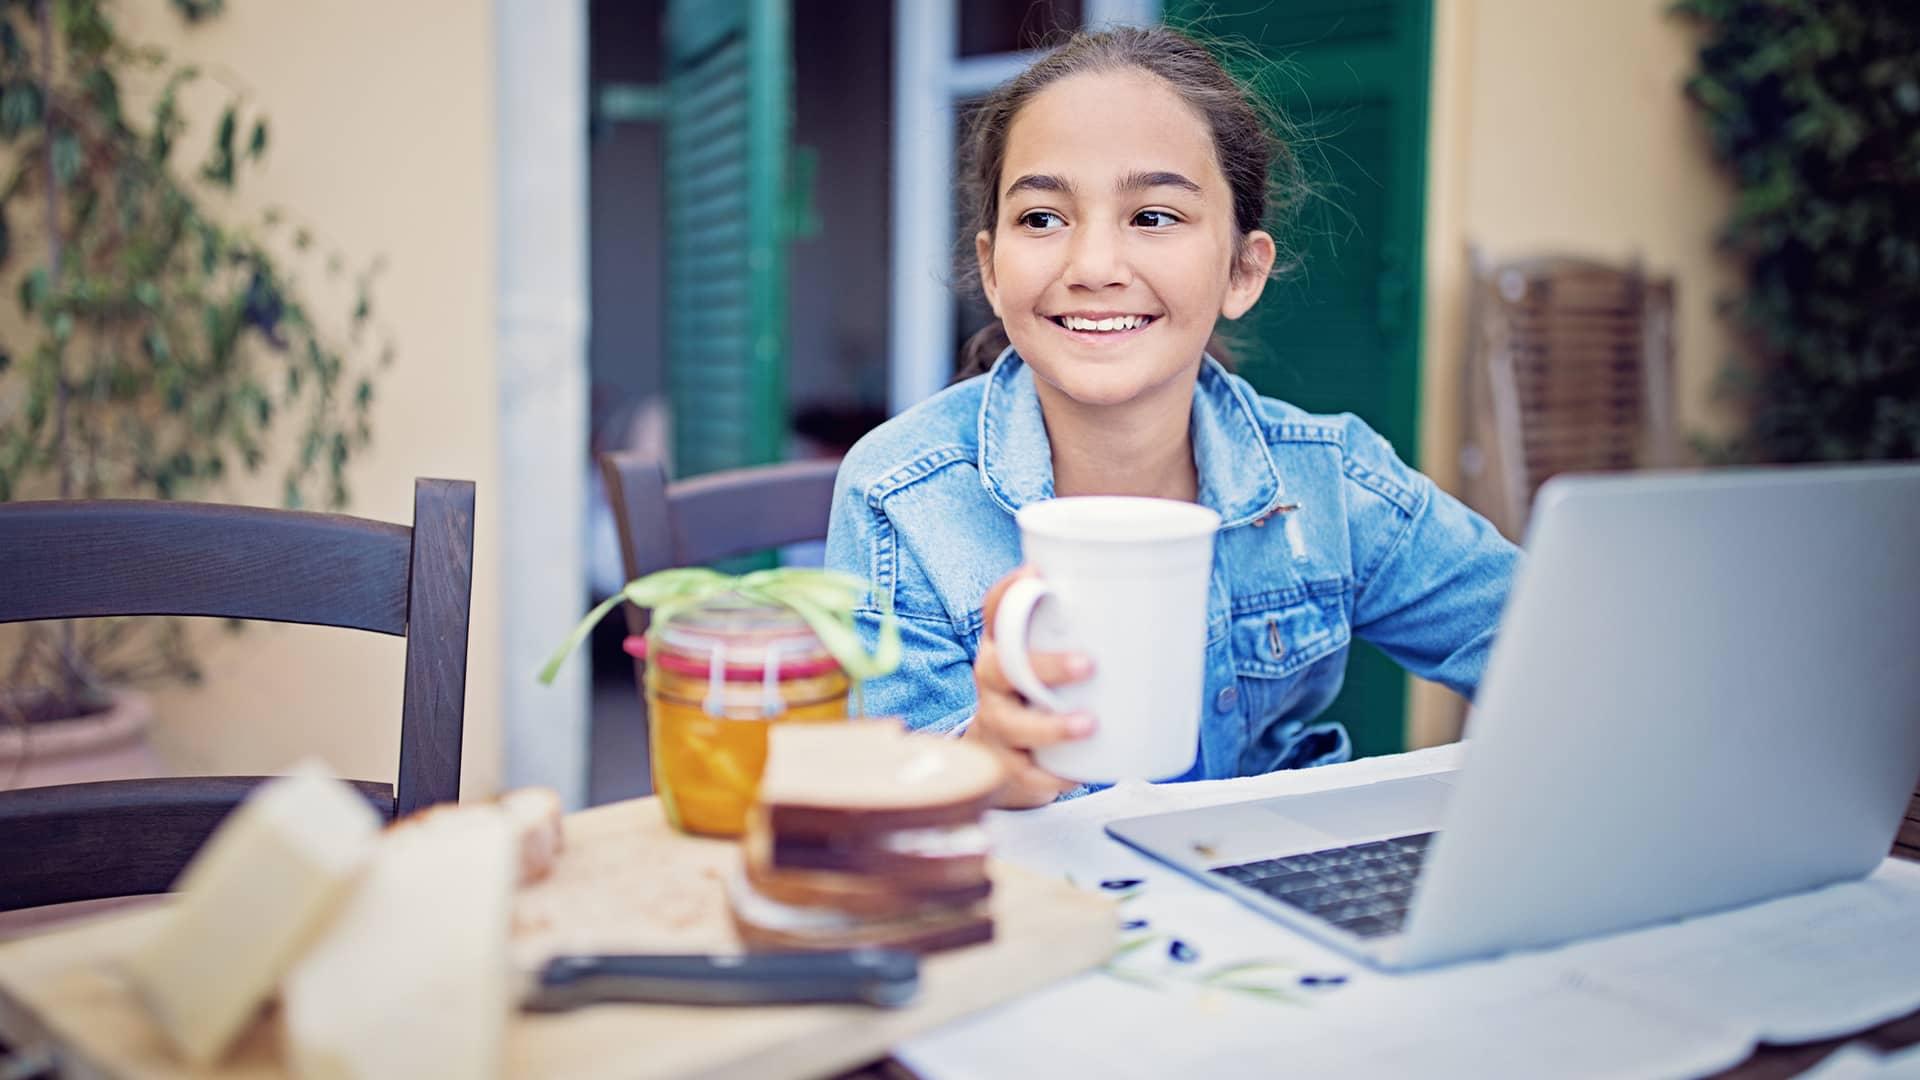 Joven desayunando mientras navega por internet con movistar segunda residencia